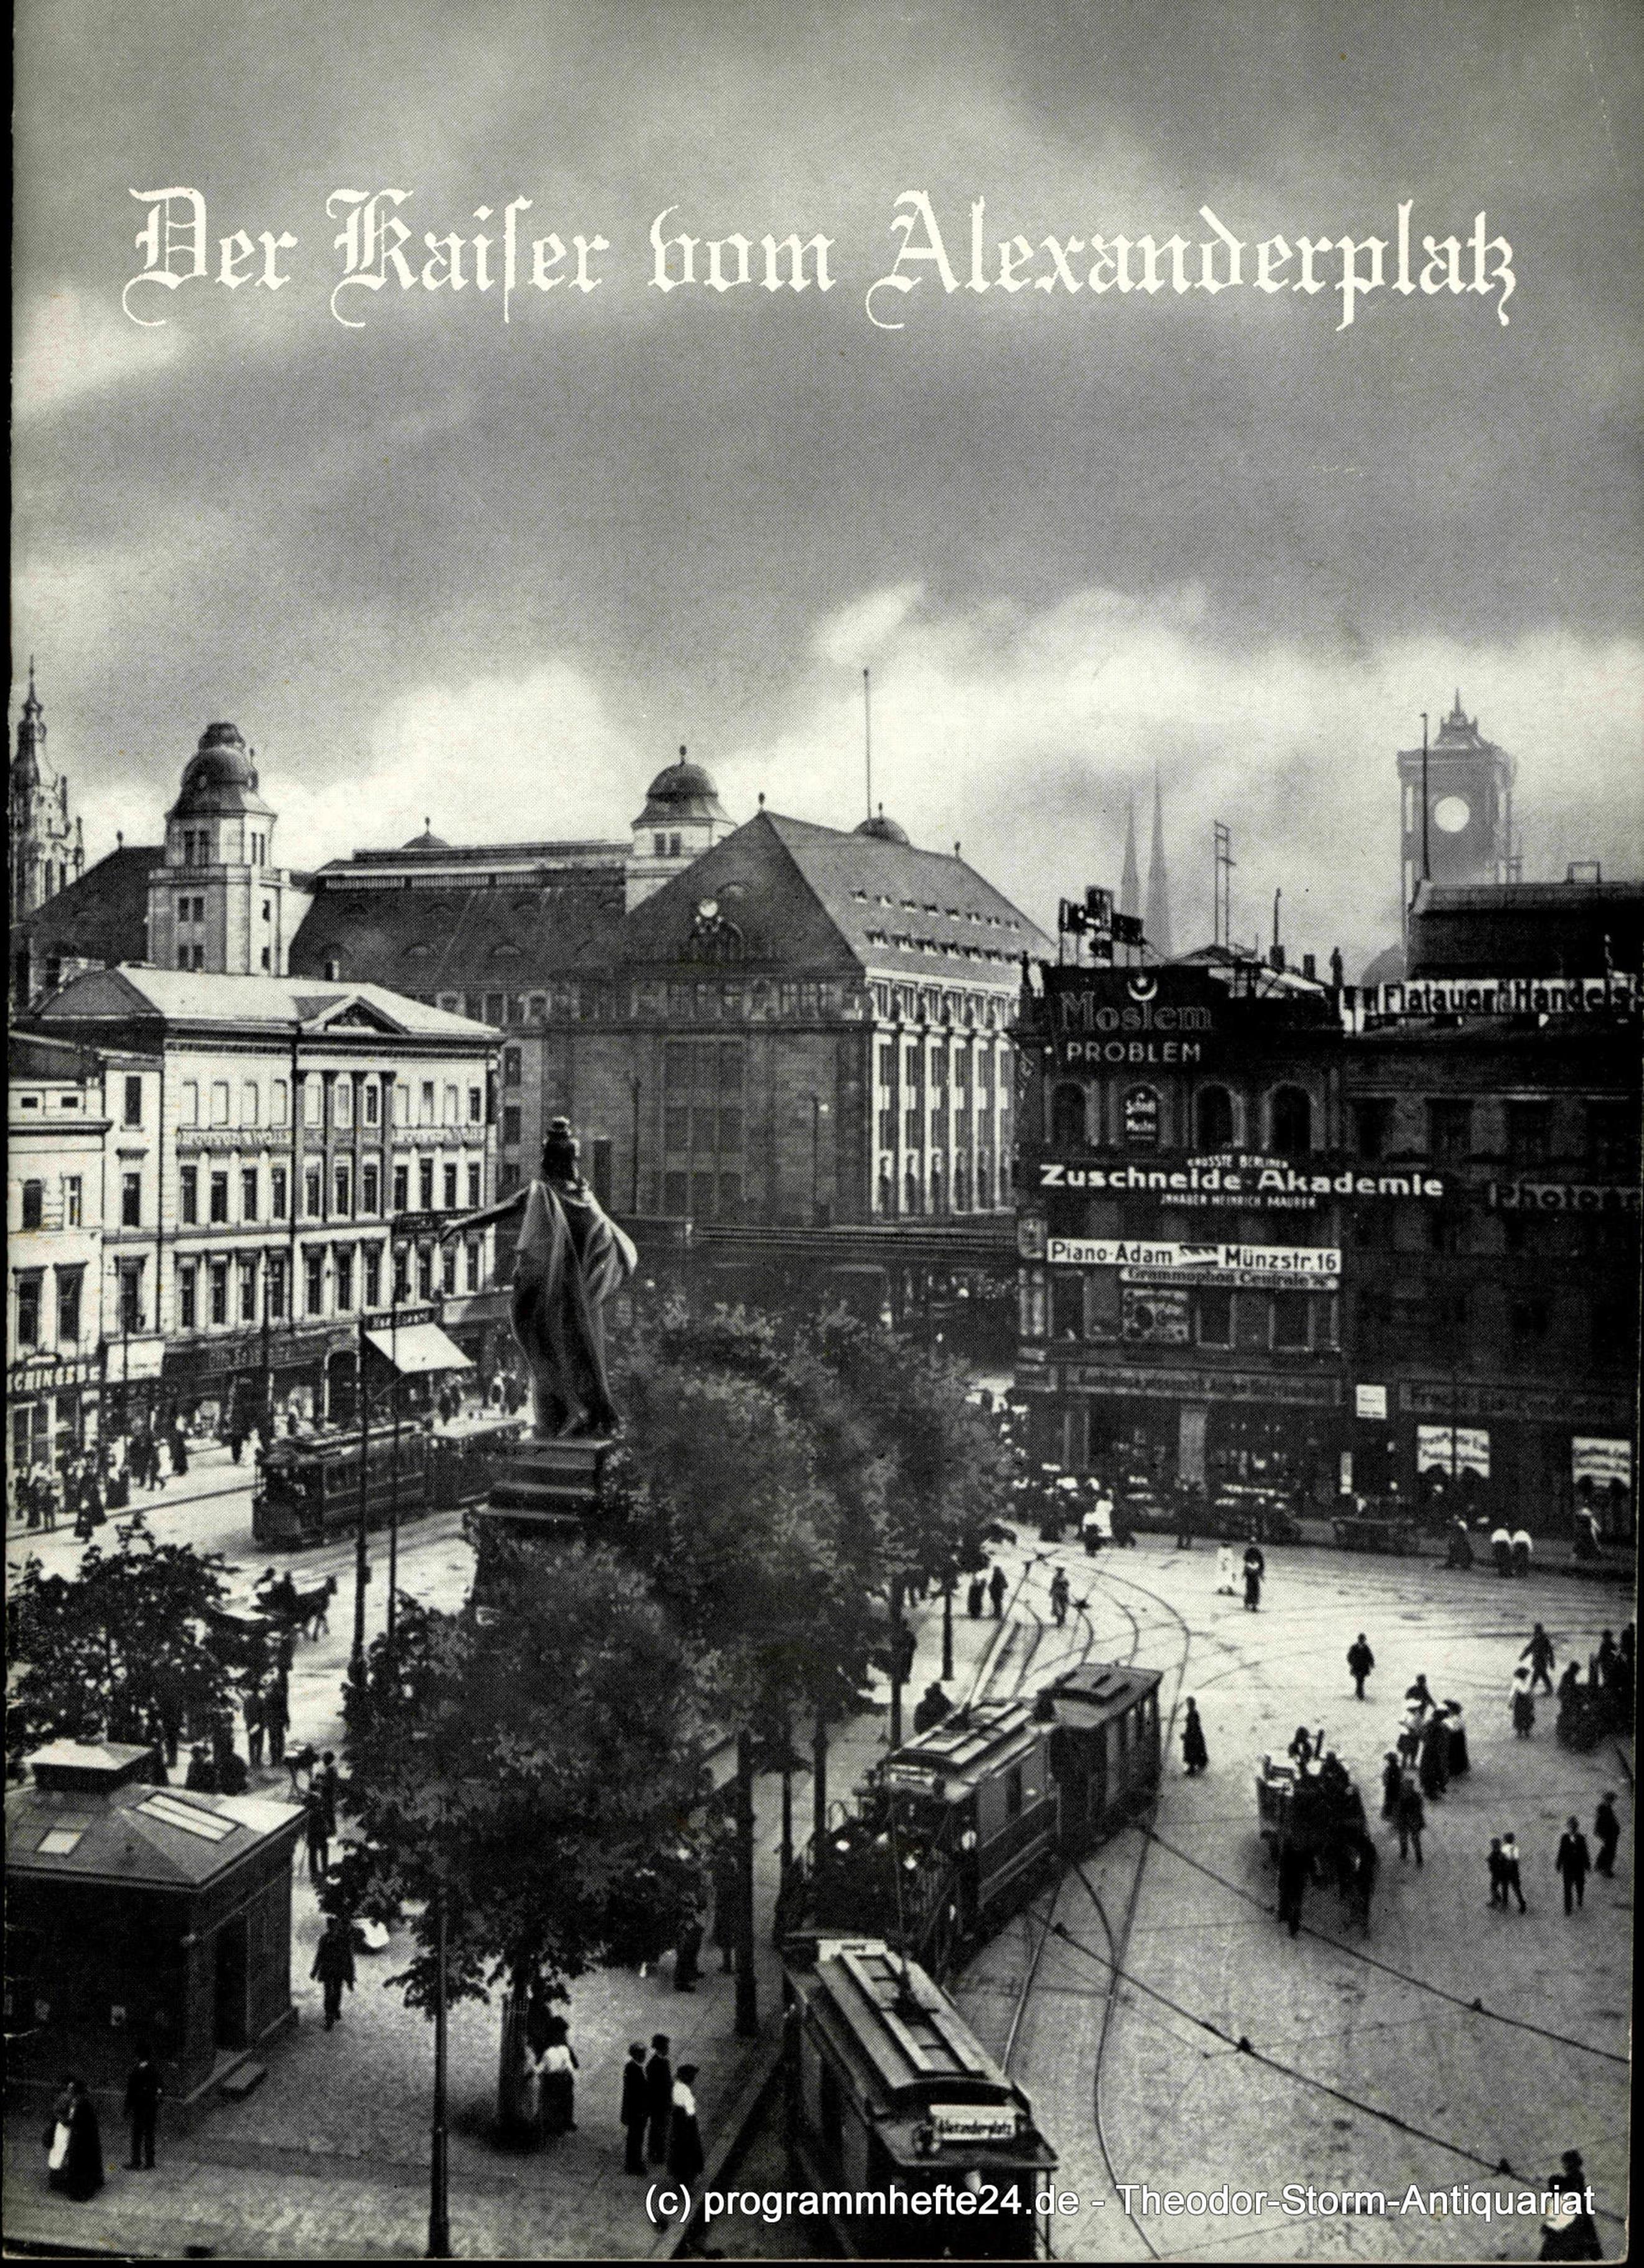 Programmheft Der Kaiser vom Alexanderplatz von Horst Pillau. Hebbel Theater 1964